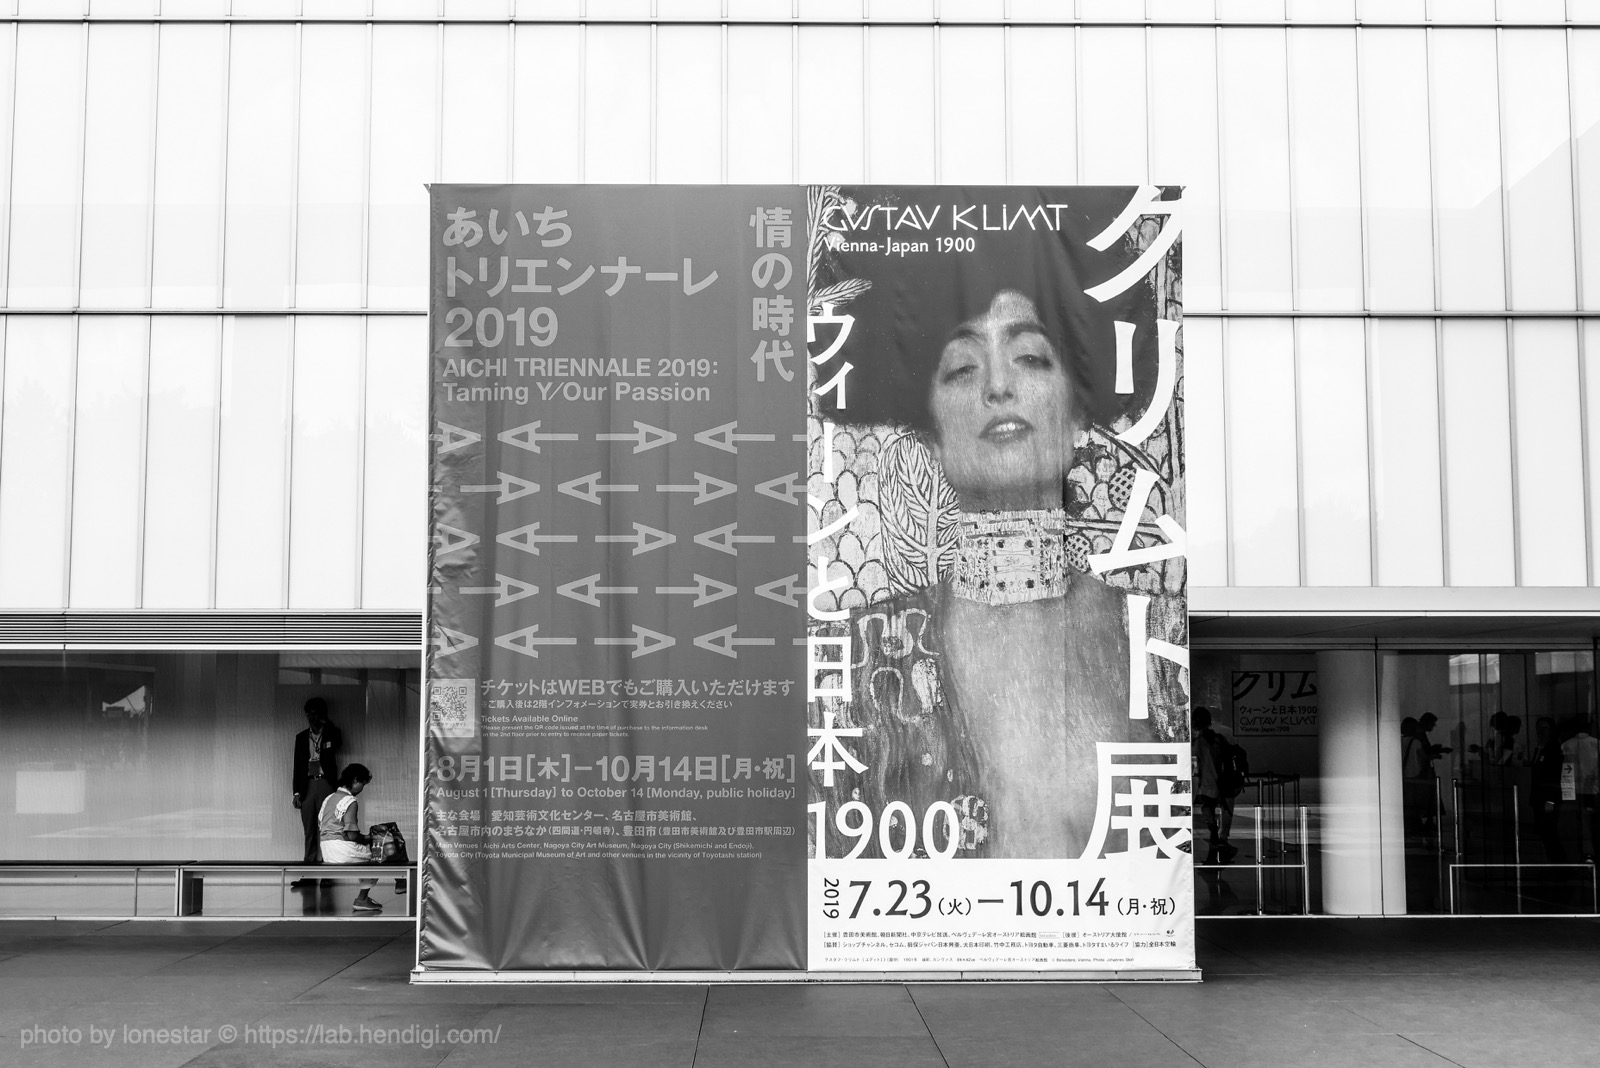 あいちトリエンナーレ 豊田市美術館